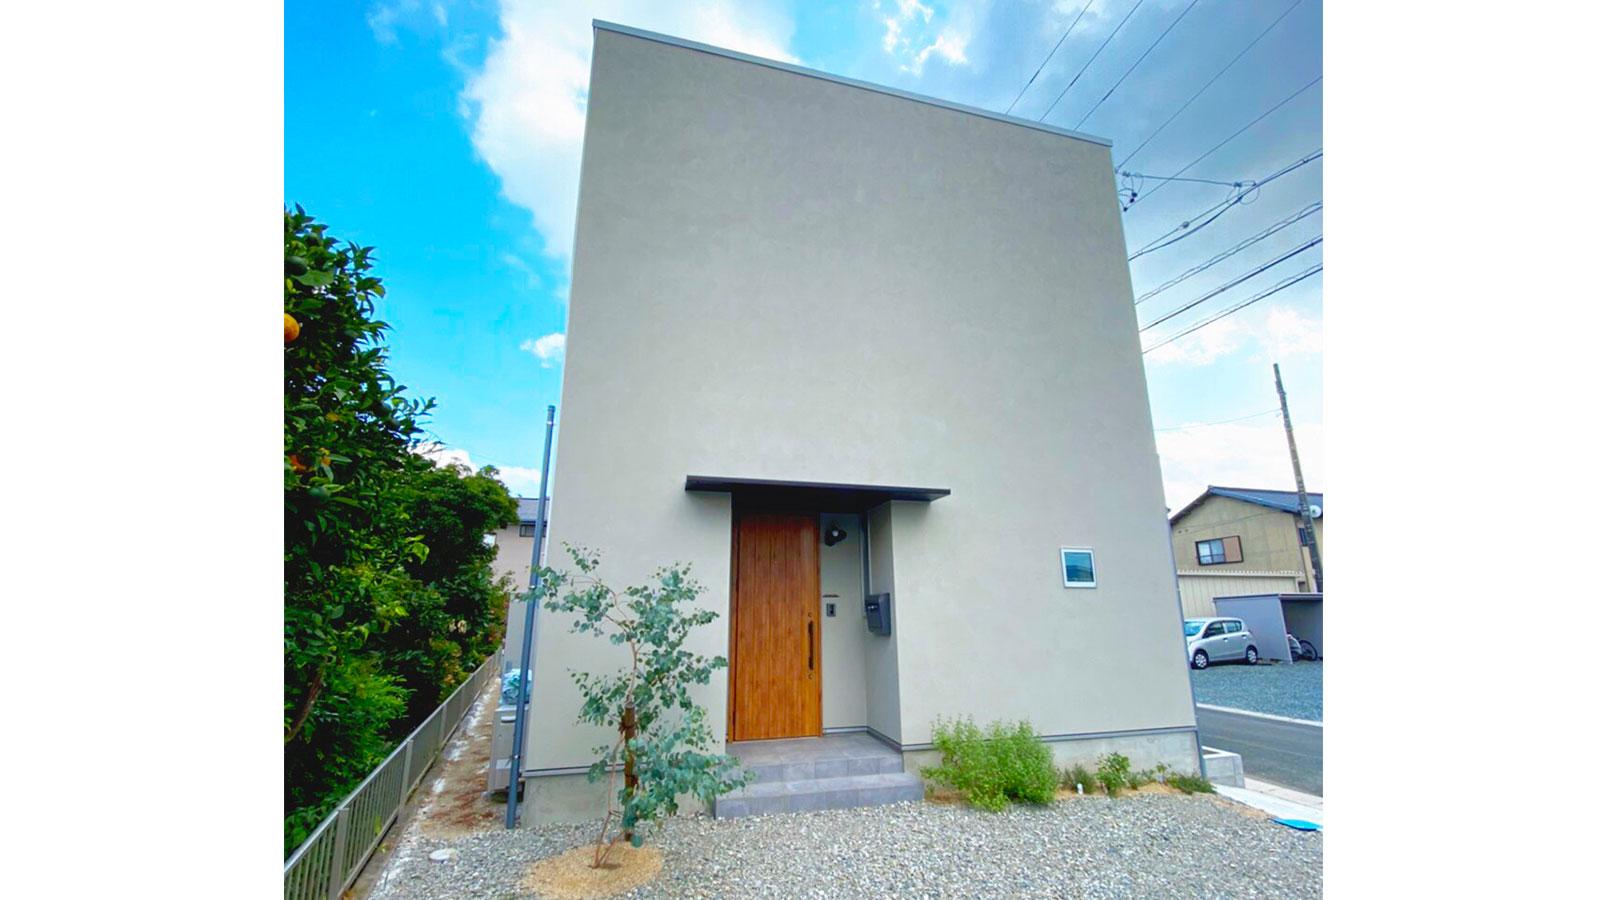 「ONE'S HOME」さんが手掛ける浜松市浜北区小松のY様宅の北欧ベースのナチュラルテイストなお家